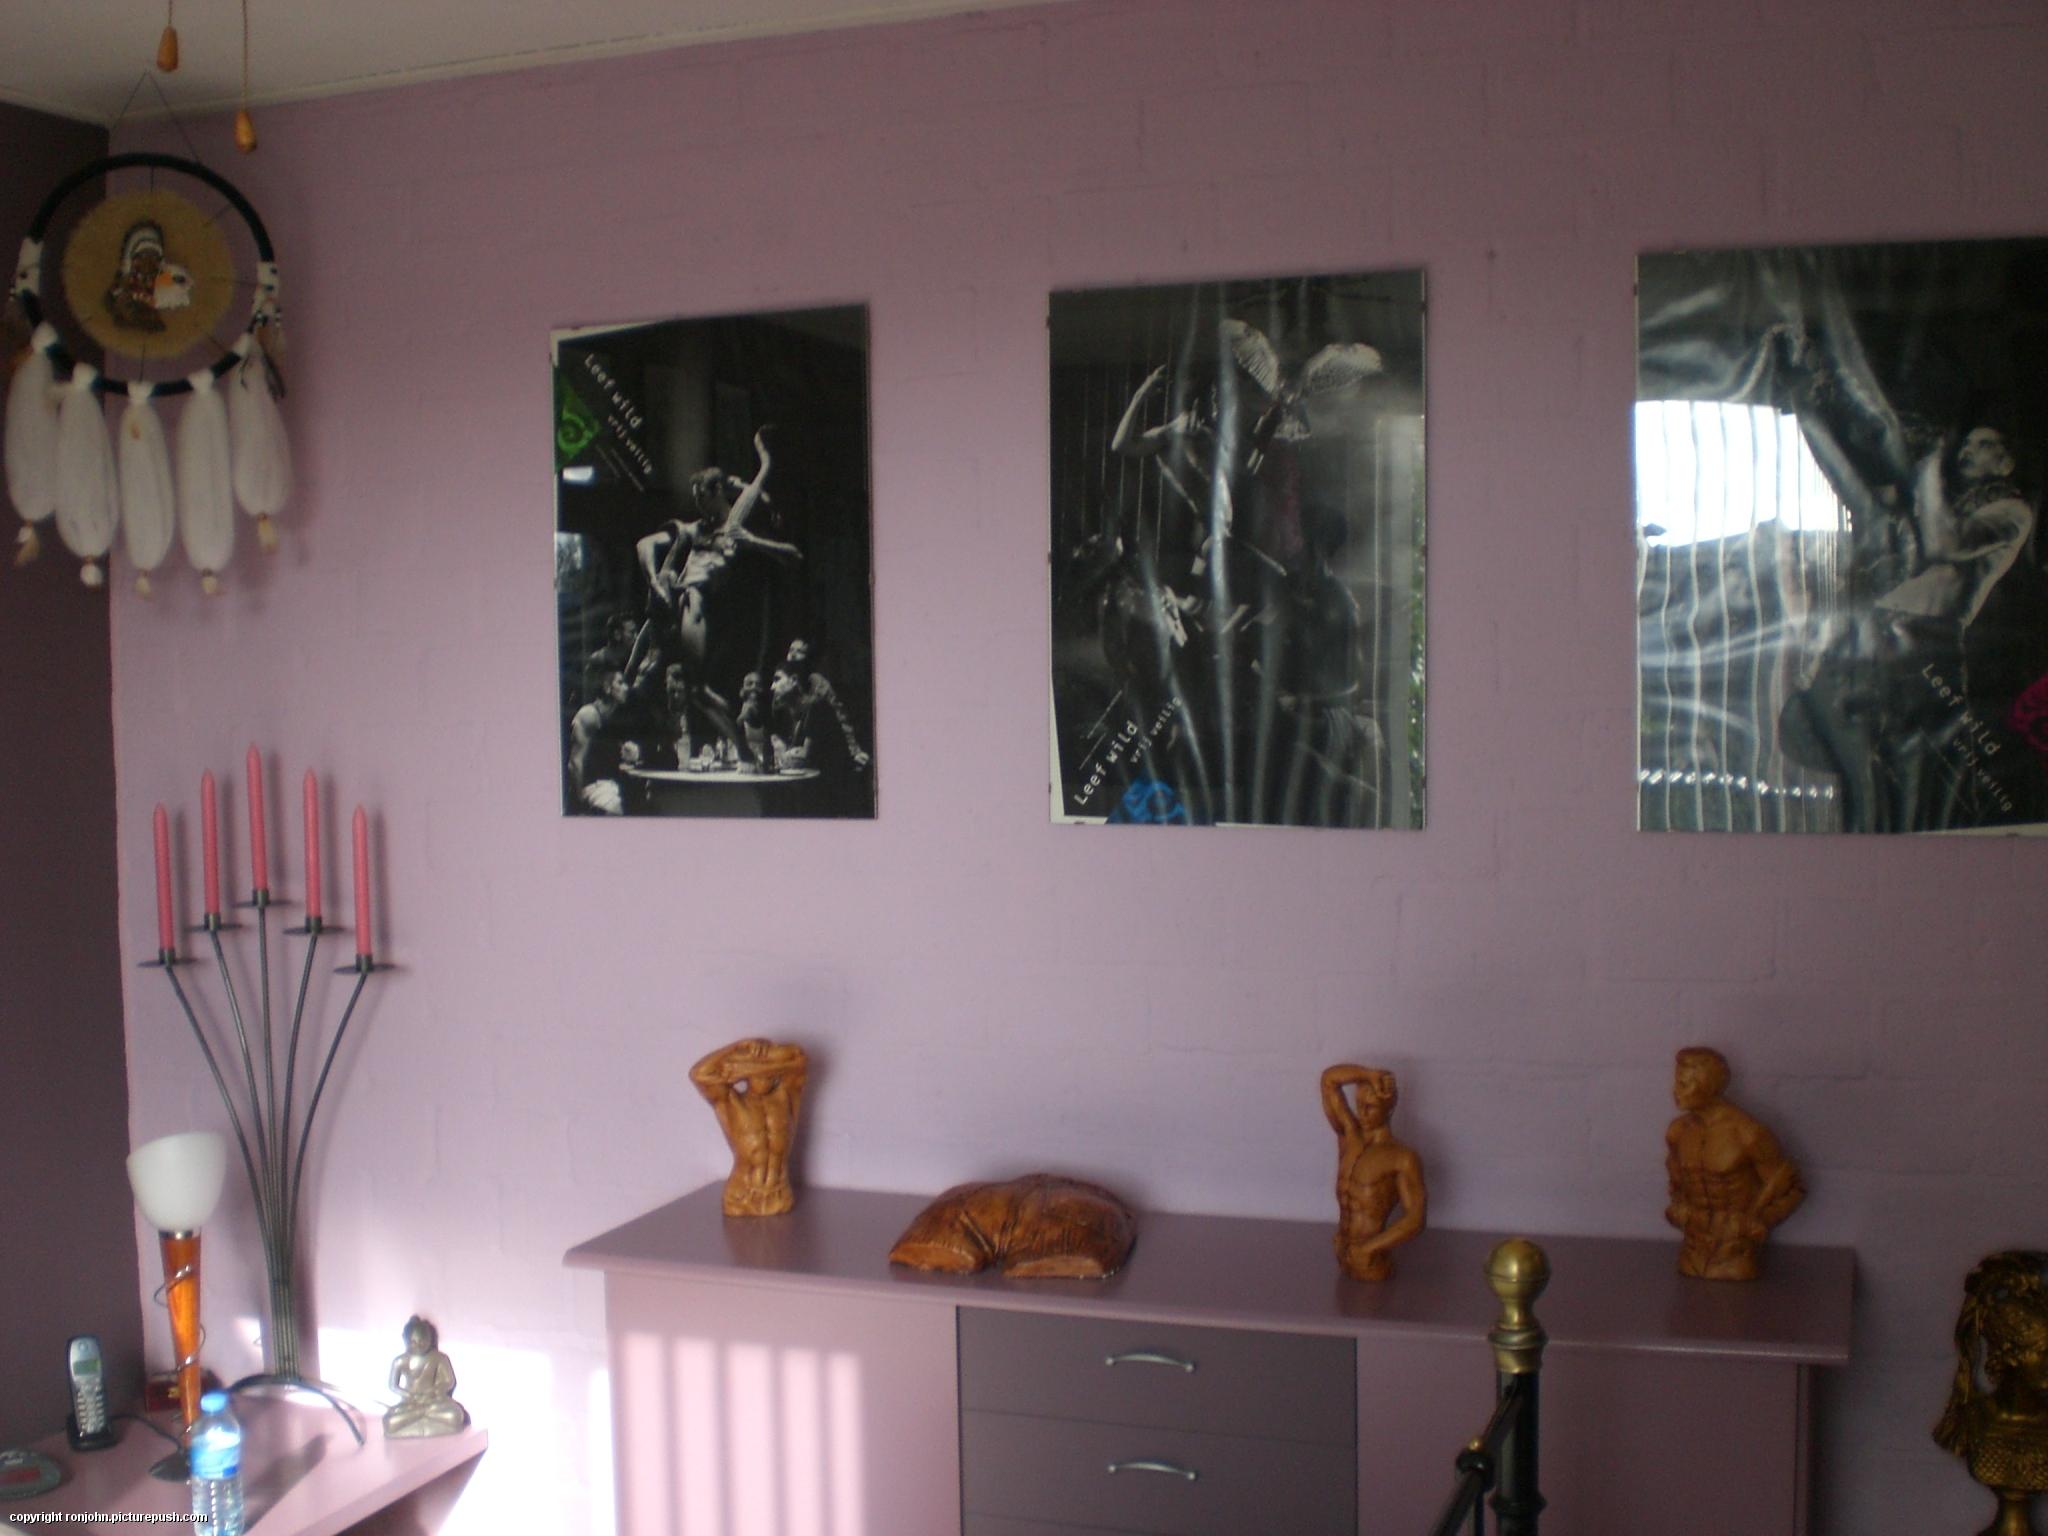 Kleuren slaapkamer ideeen beste inspiratie voor huis ontwerp - Interieurdesign ideeen ...